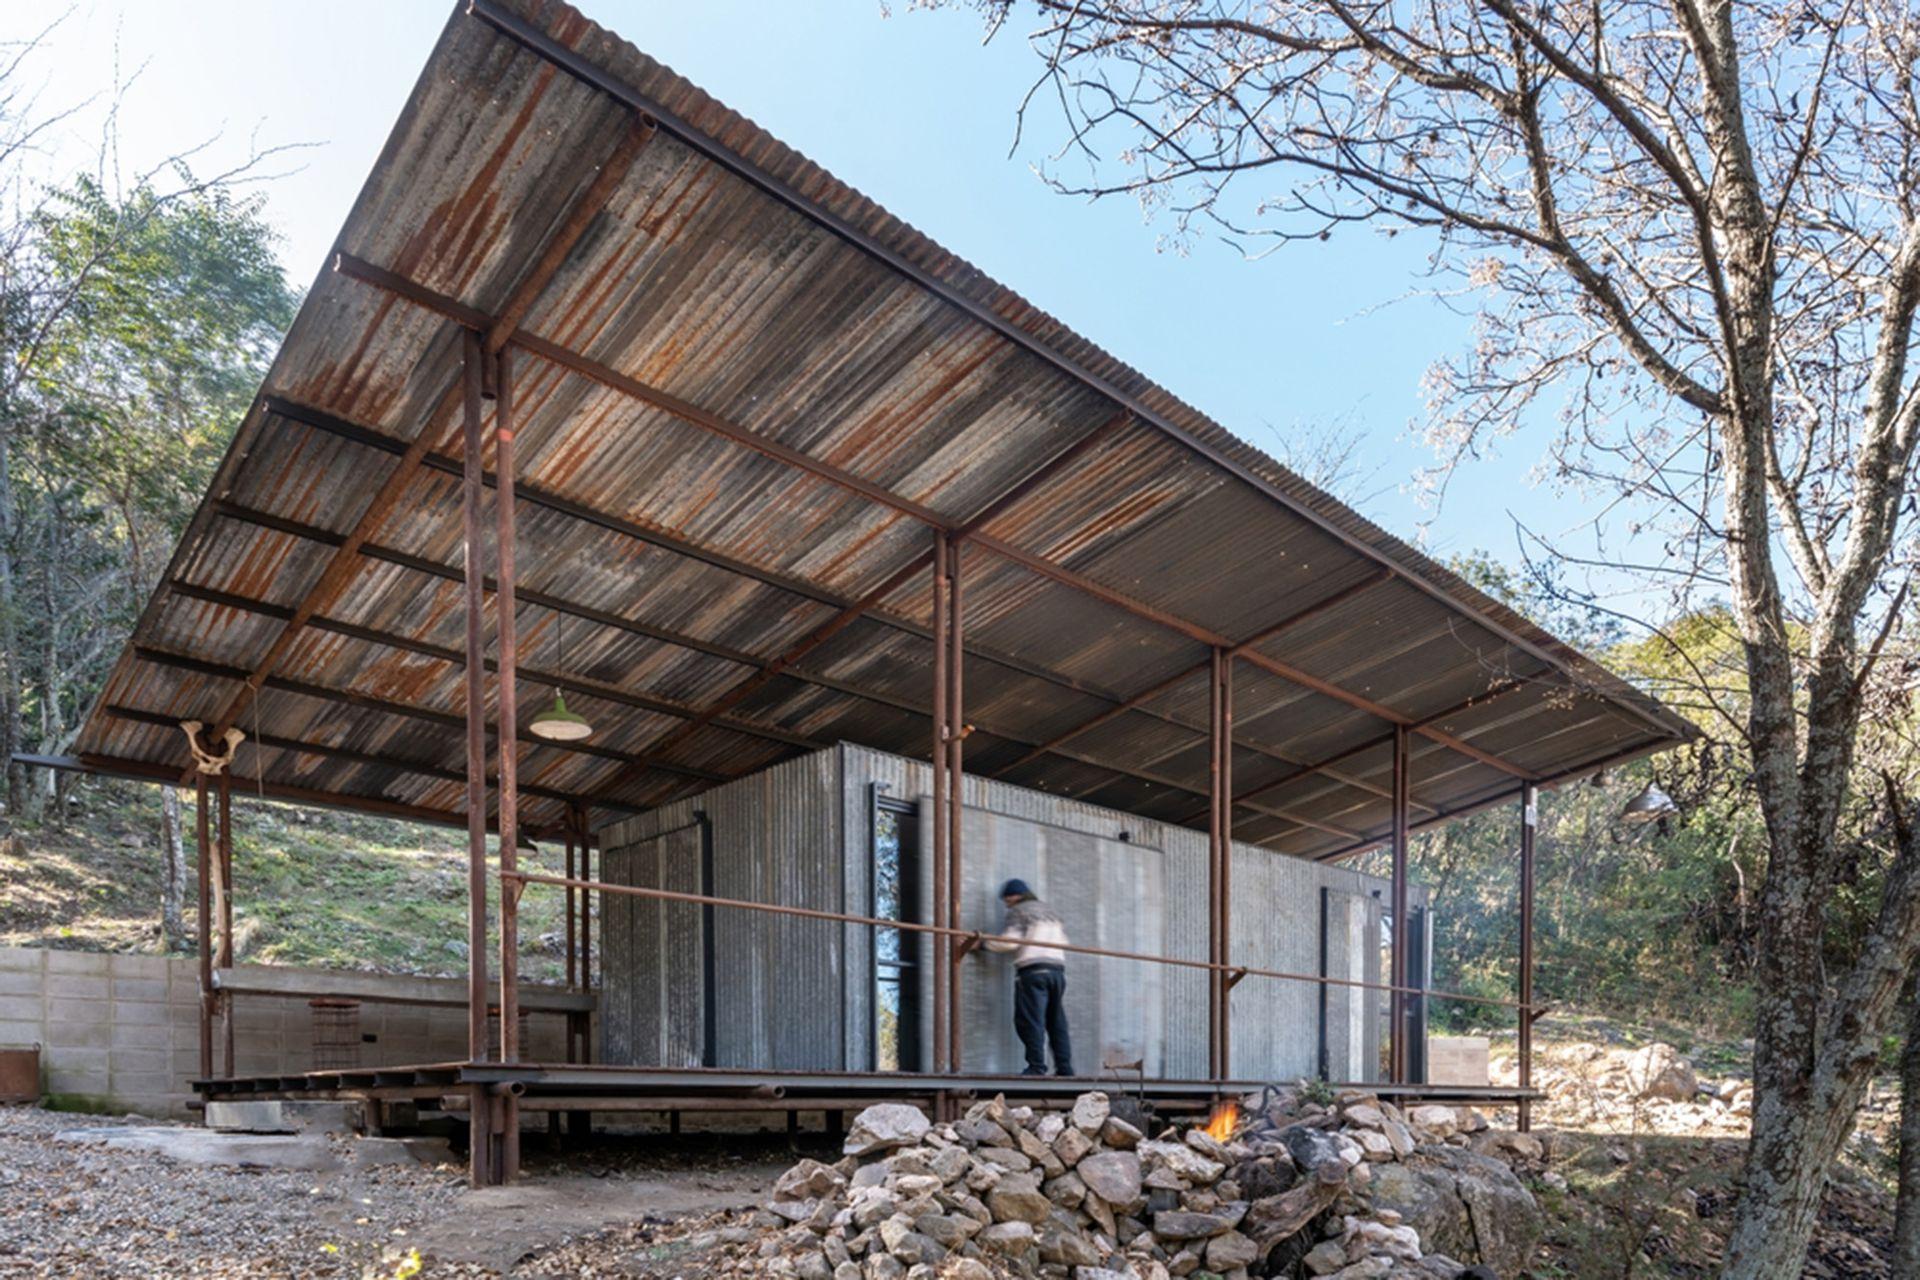 La Paisanita tiene 60 metros cuadrados y es amigable con el entorno natural